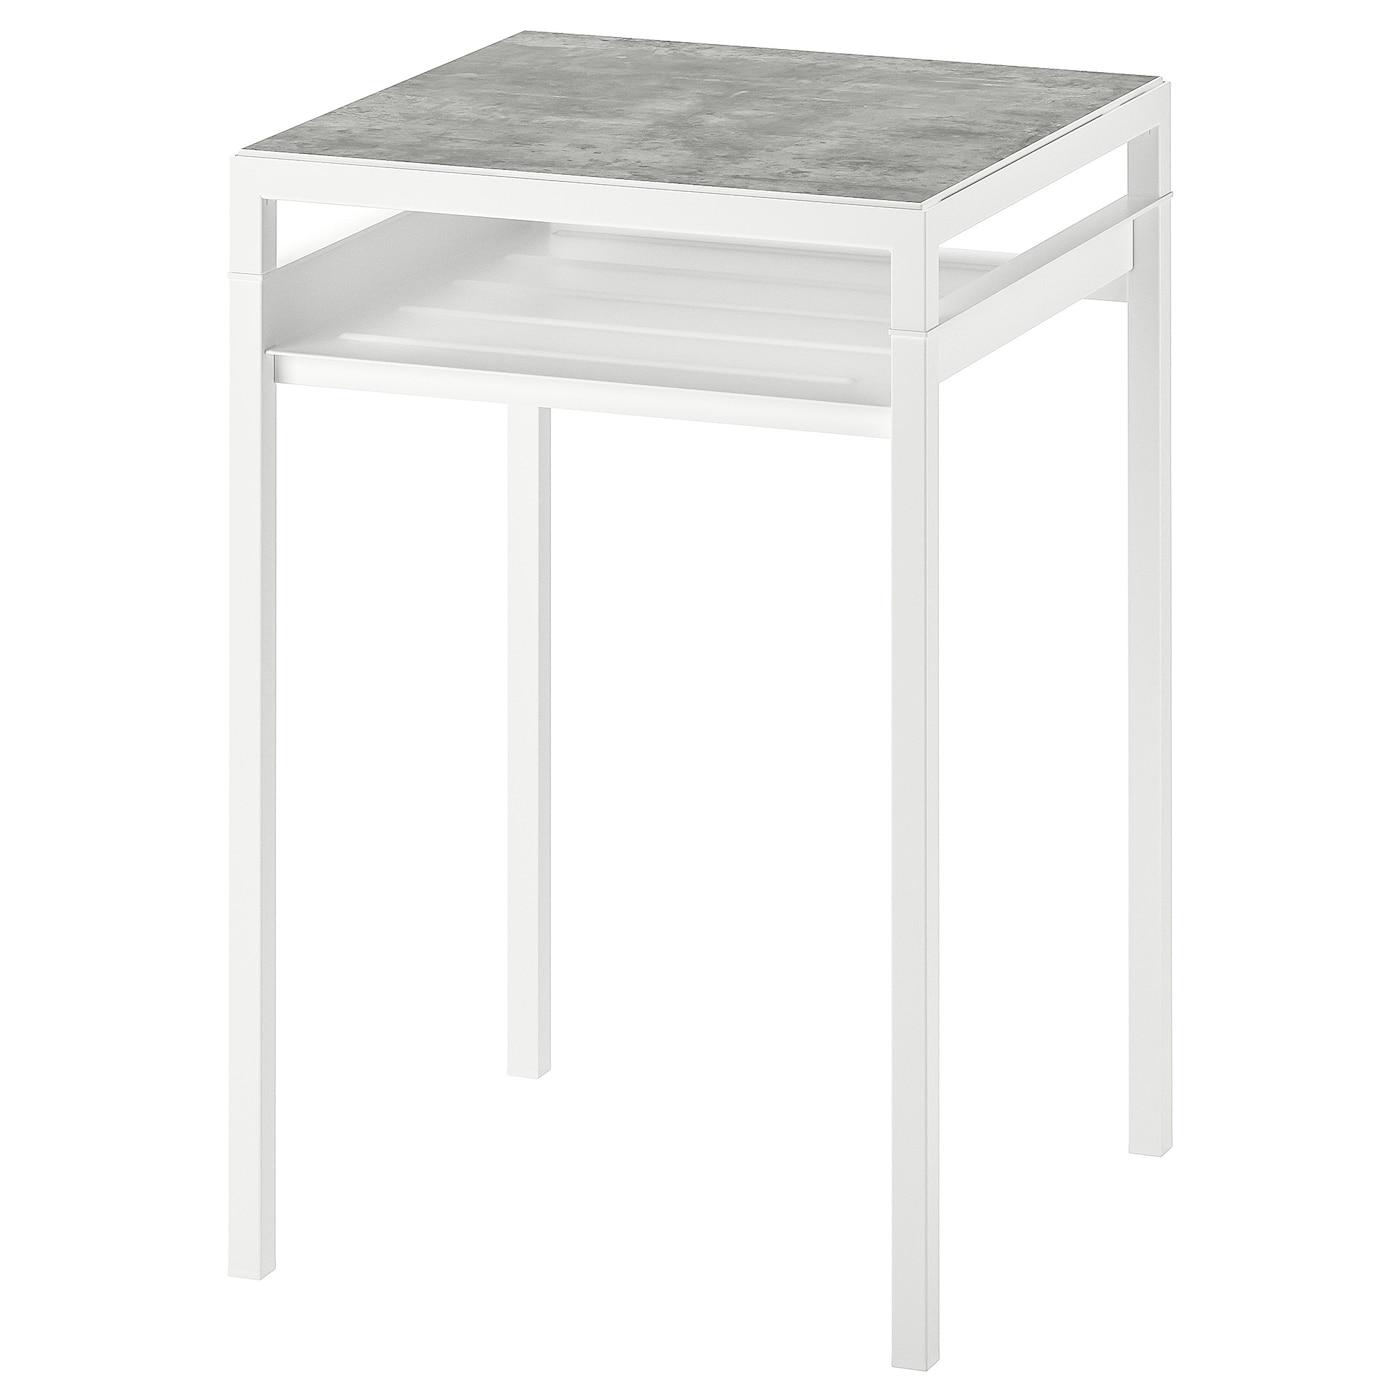 IKEA NYBODA Stolik z odwracalnym blatem, jasnoszary imitacja betonu, biały, 40x40x60 cm